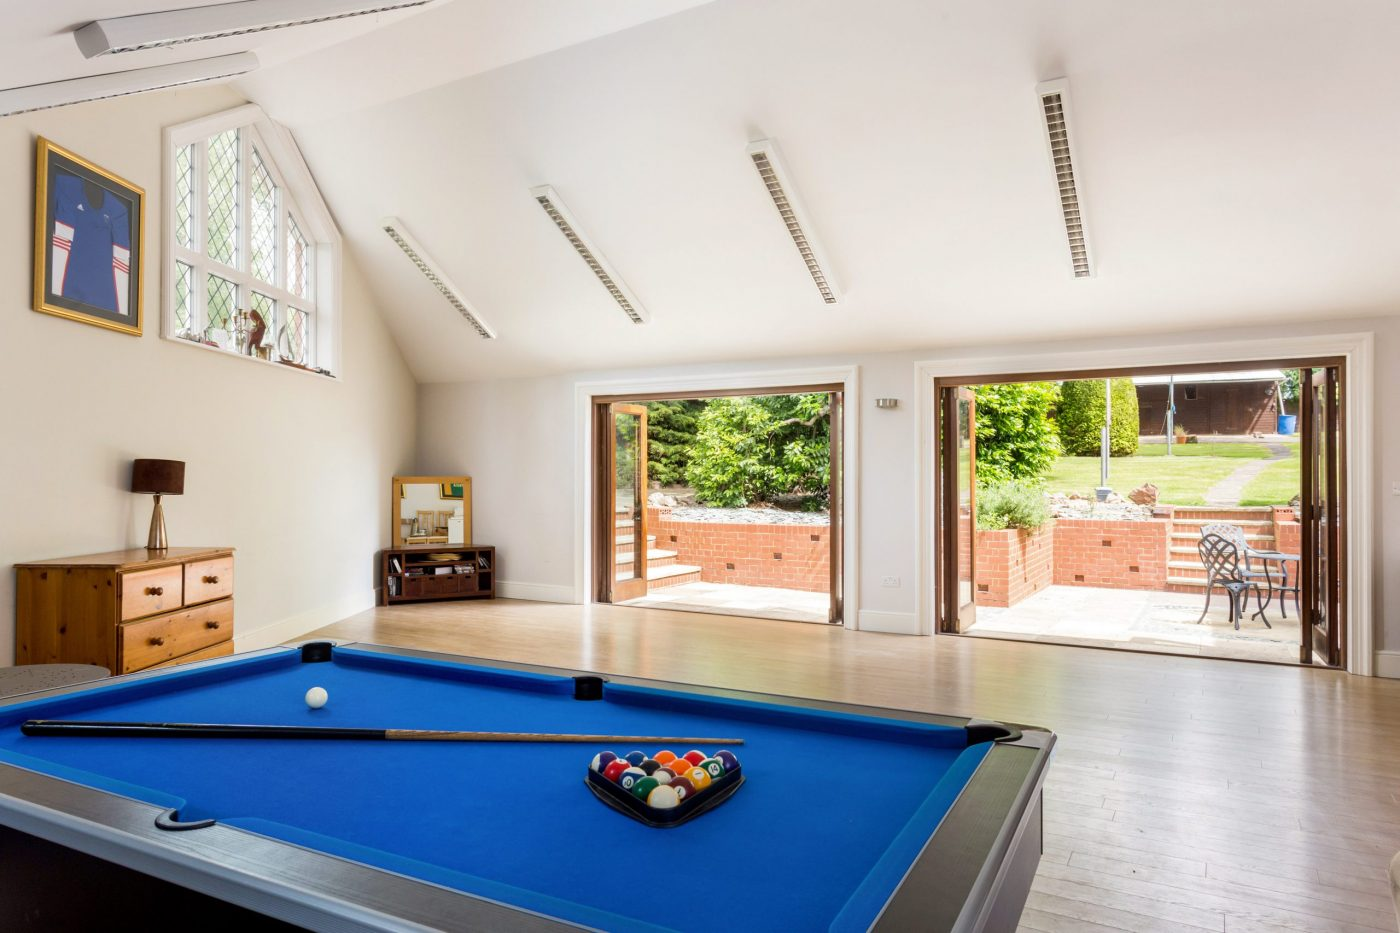 Você gostaria de se mudar para esta propriedade de cinco quartos com estábulos, nove hectares, piscina coberta e anexo? 6